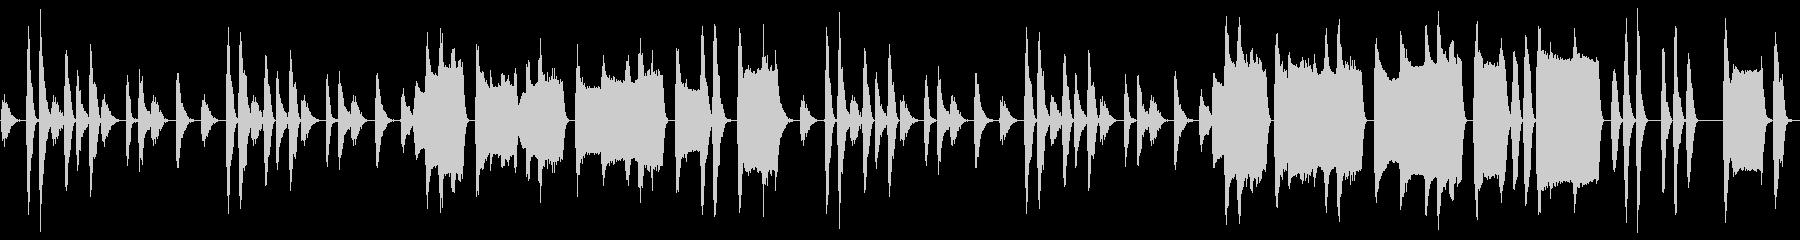 【ループ】間の抜けた雰囲気のコミカルな曲の未再生の波形